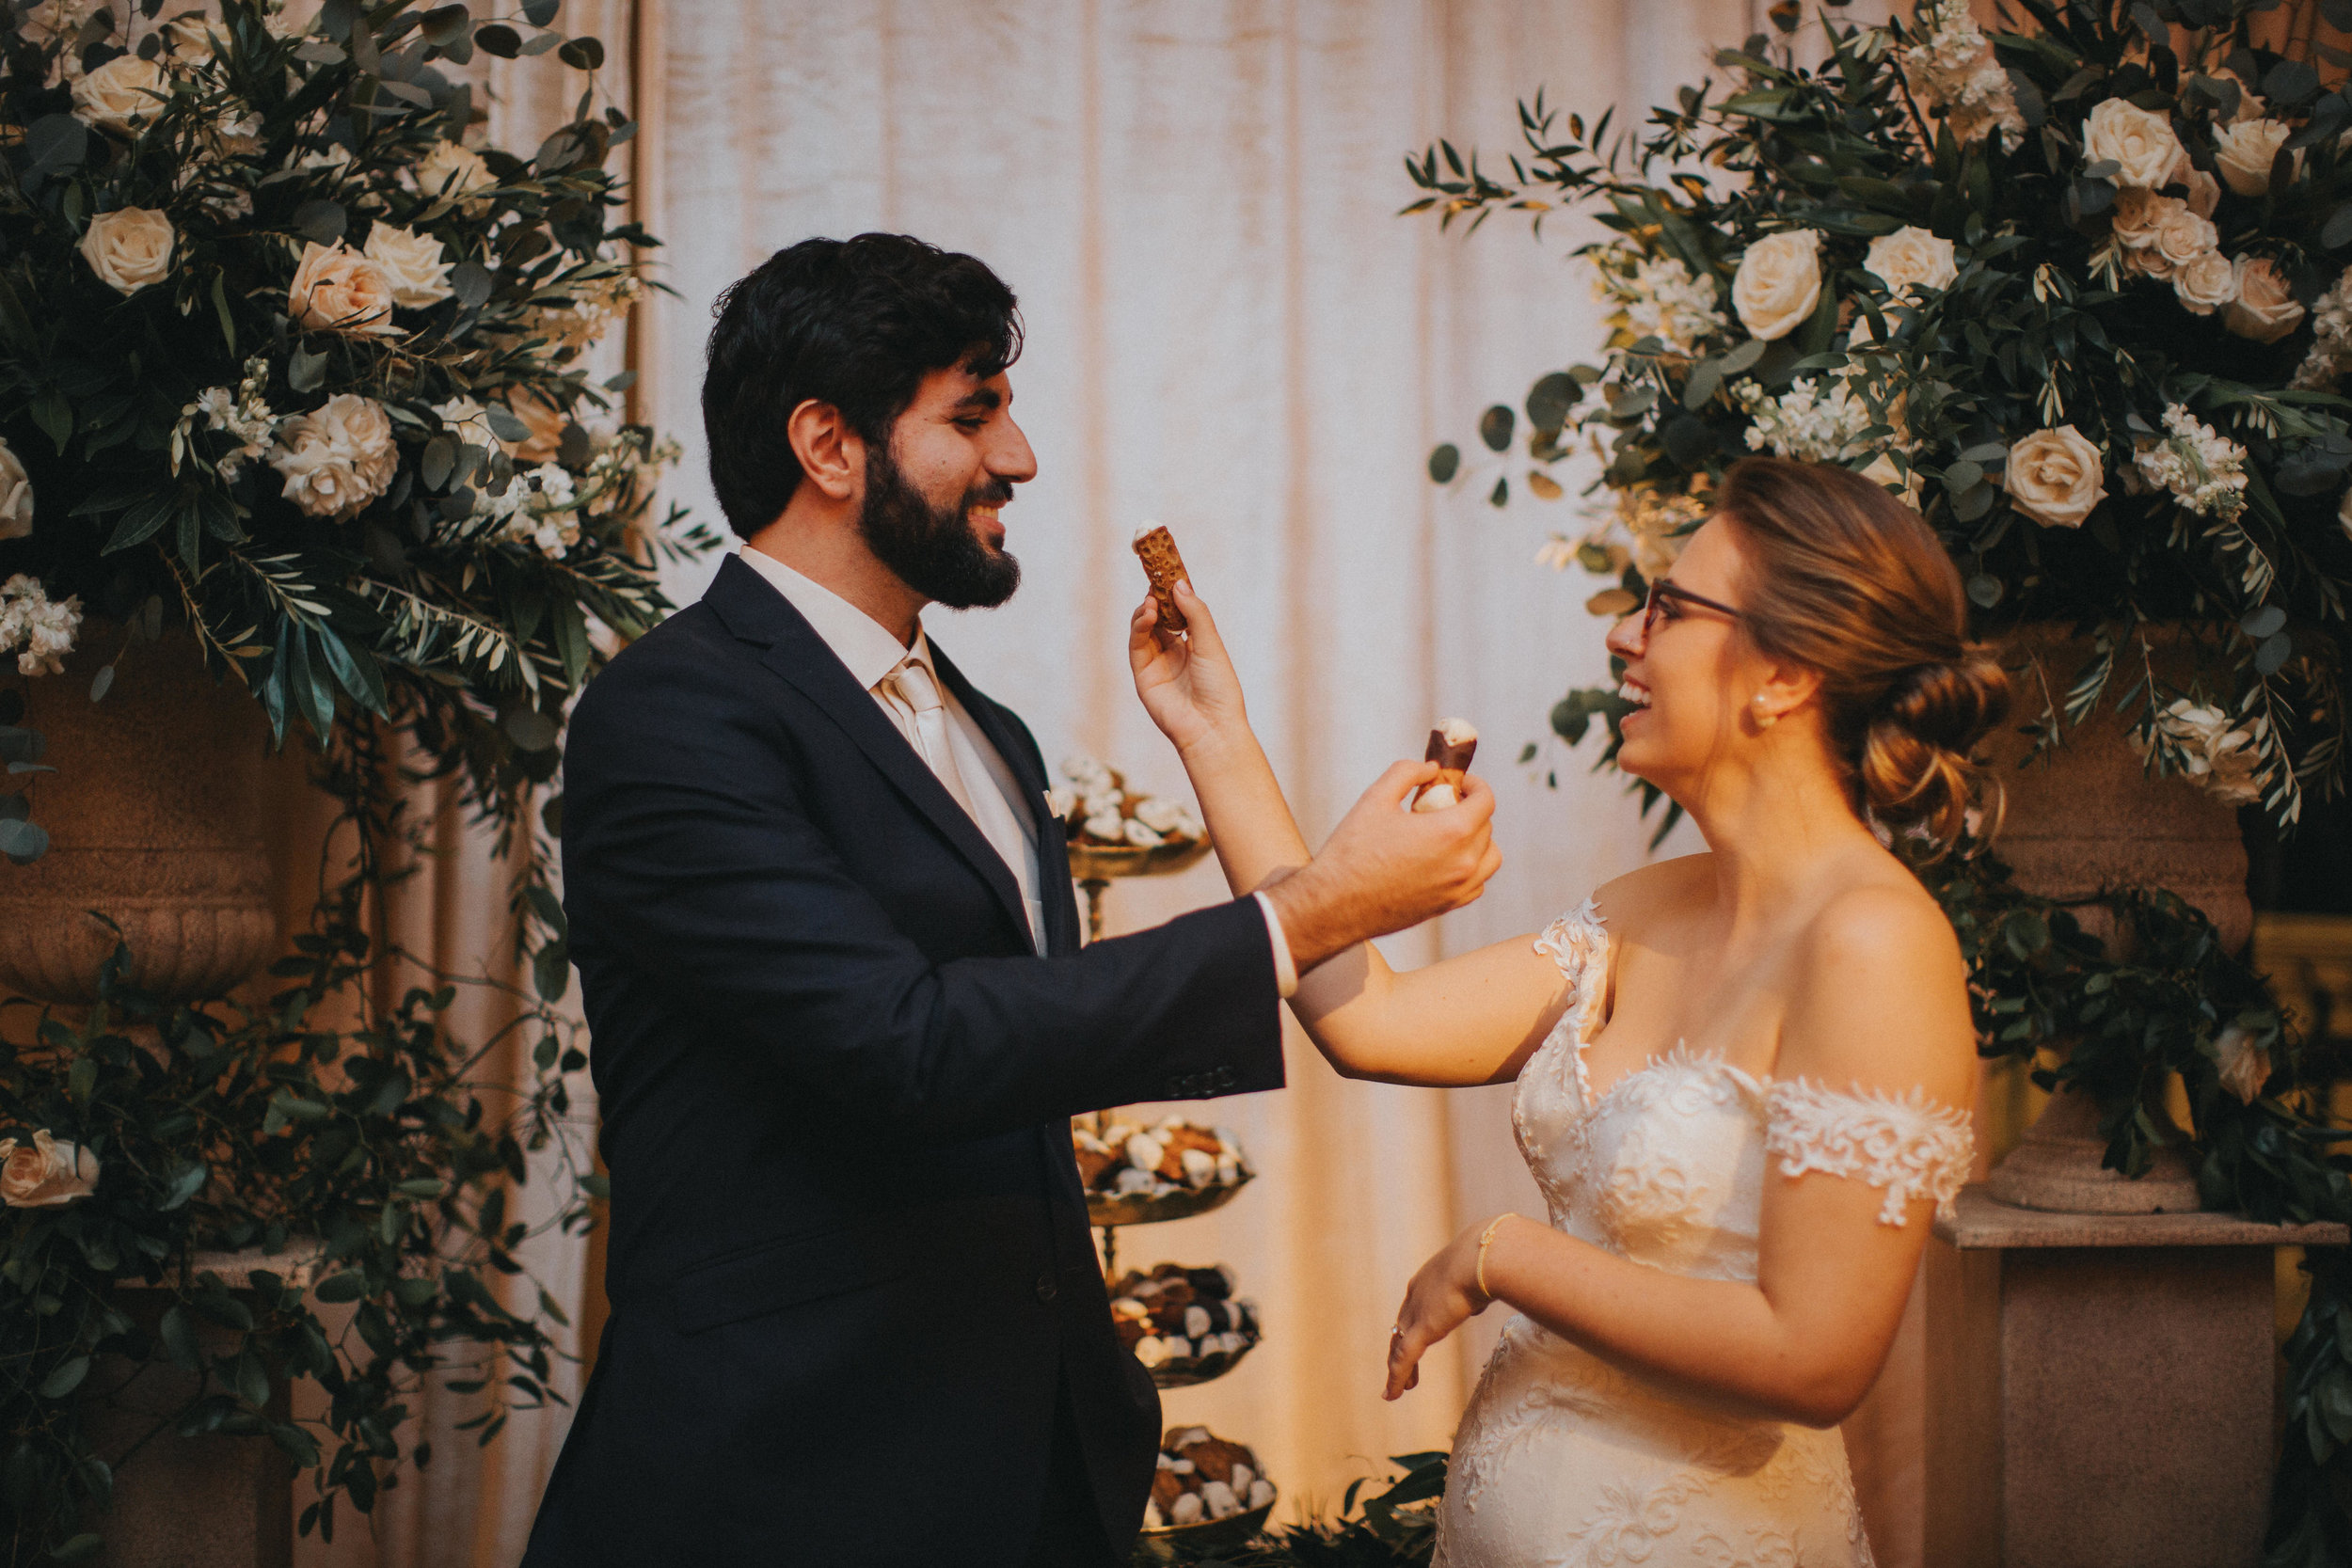 Wedding Cannoli Cutting